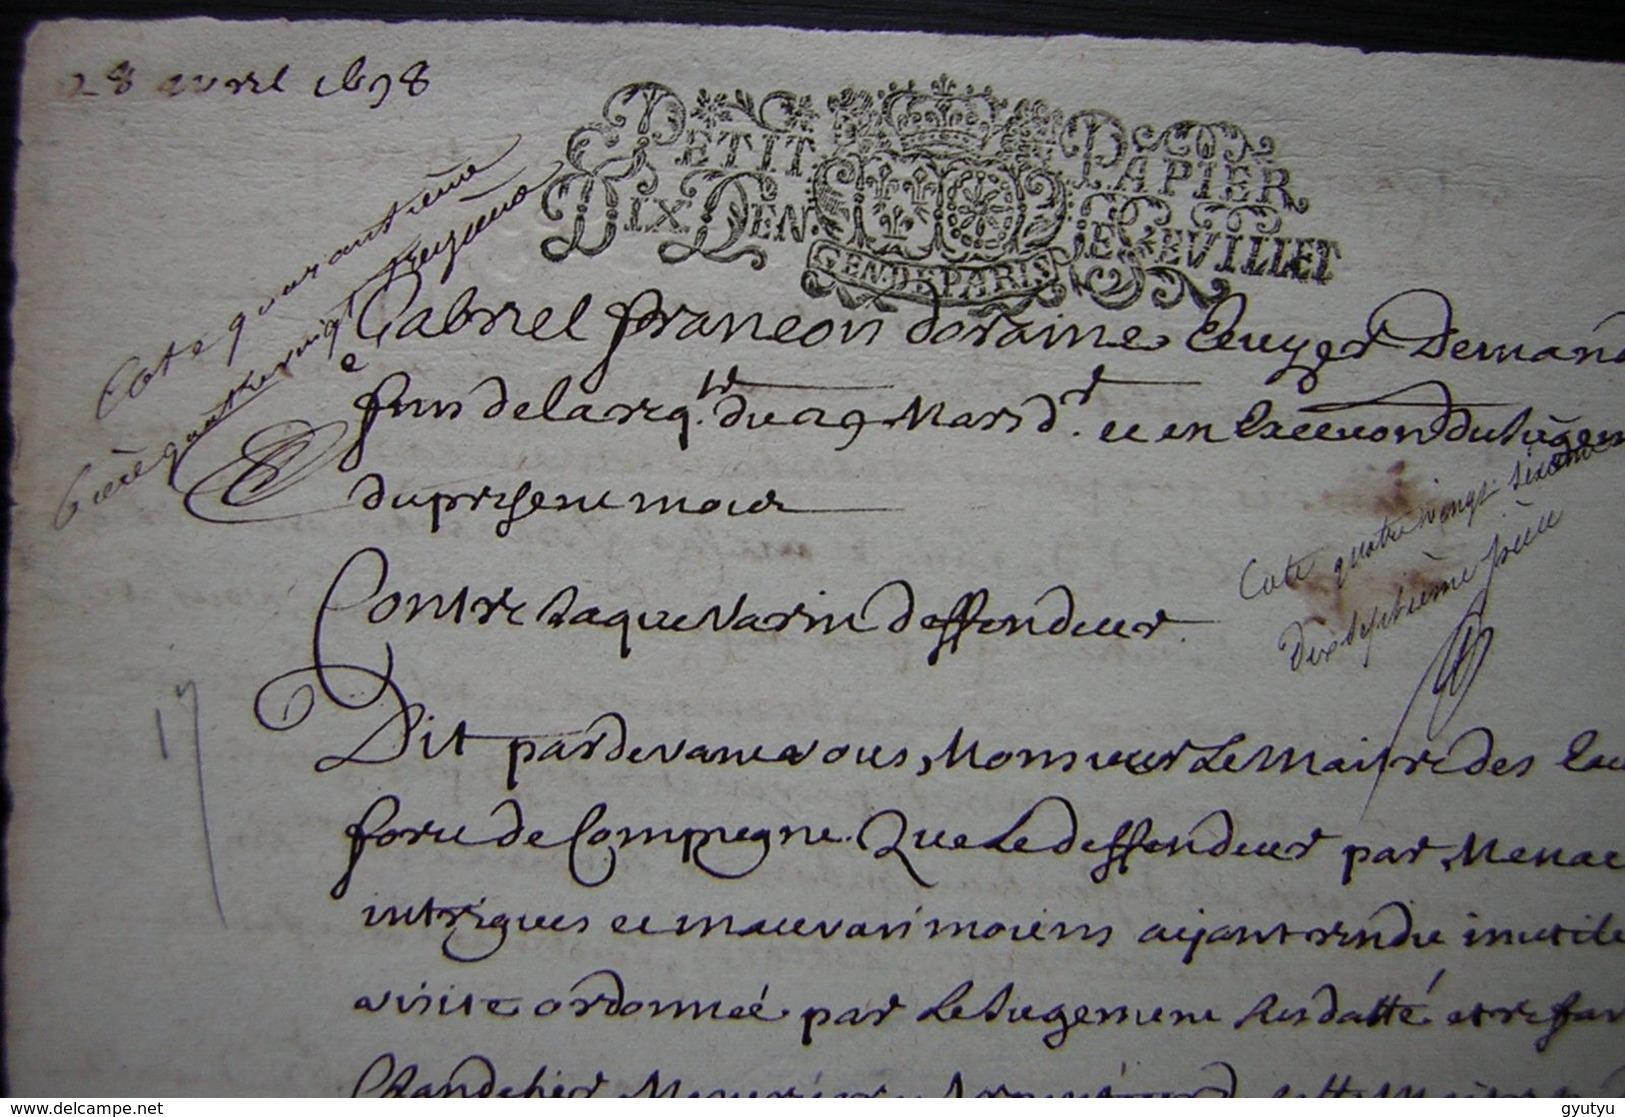 1698 Ferme De Mermont Requête De Deraime Au Maître Des Eaux Et Fôrets De Compiègne, Dégradations Dans Les Bois Par Marin - Manuscrits